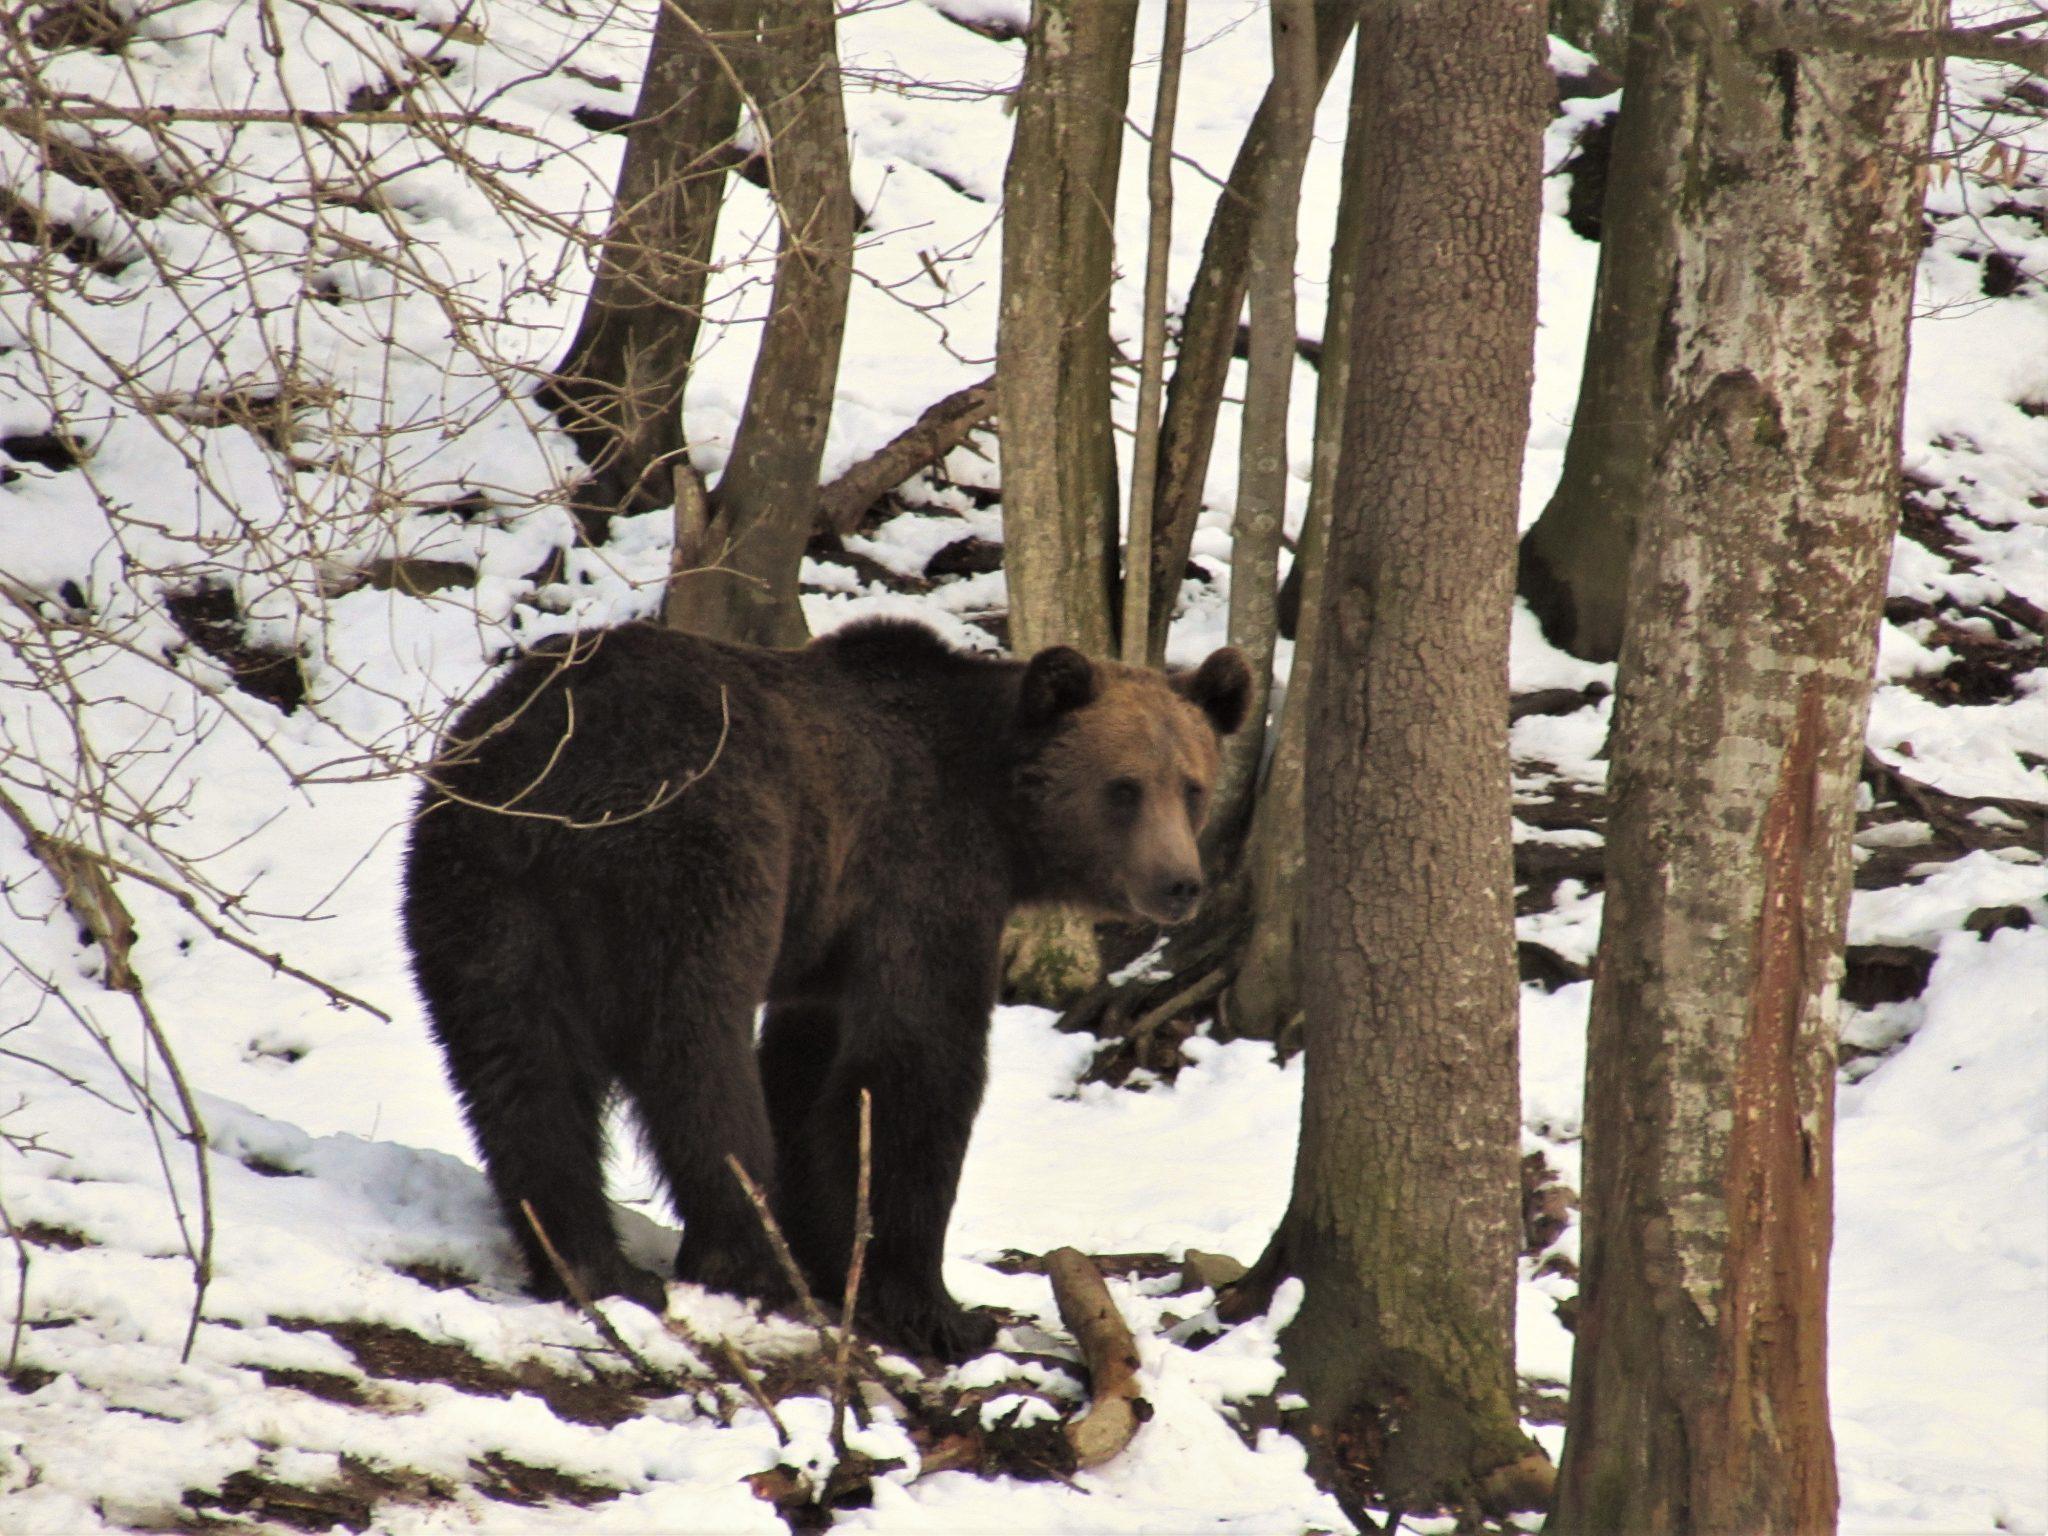 Bear Watching in Sinca Noua